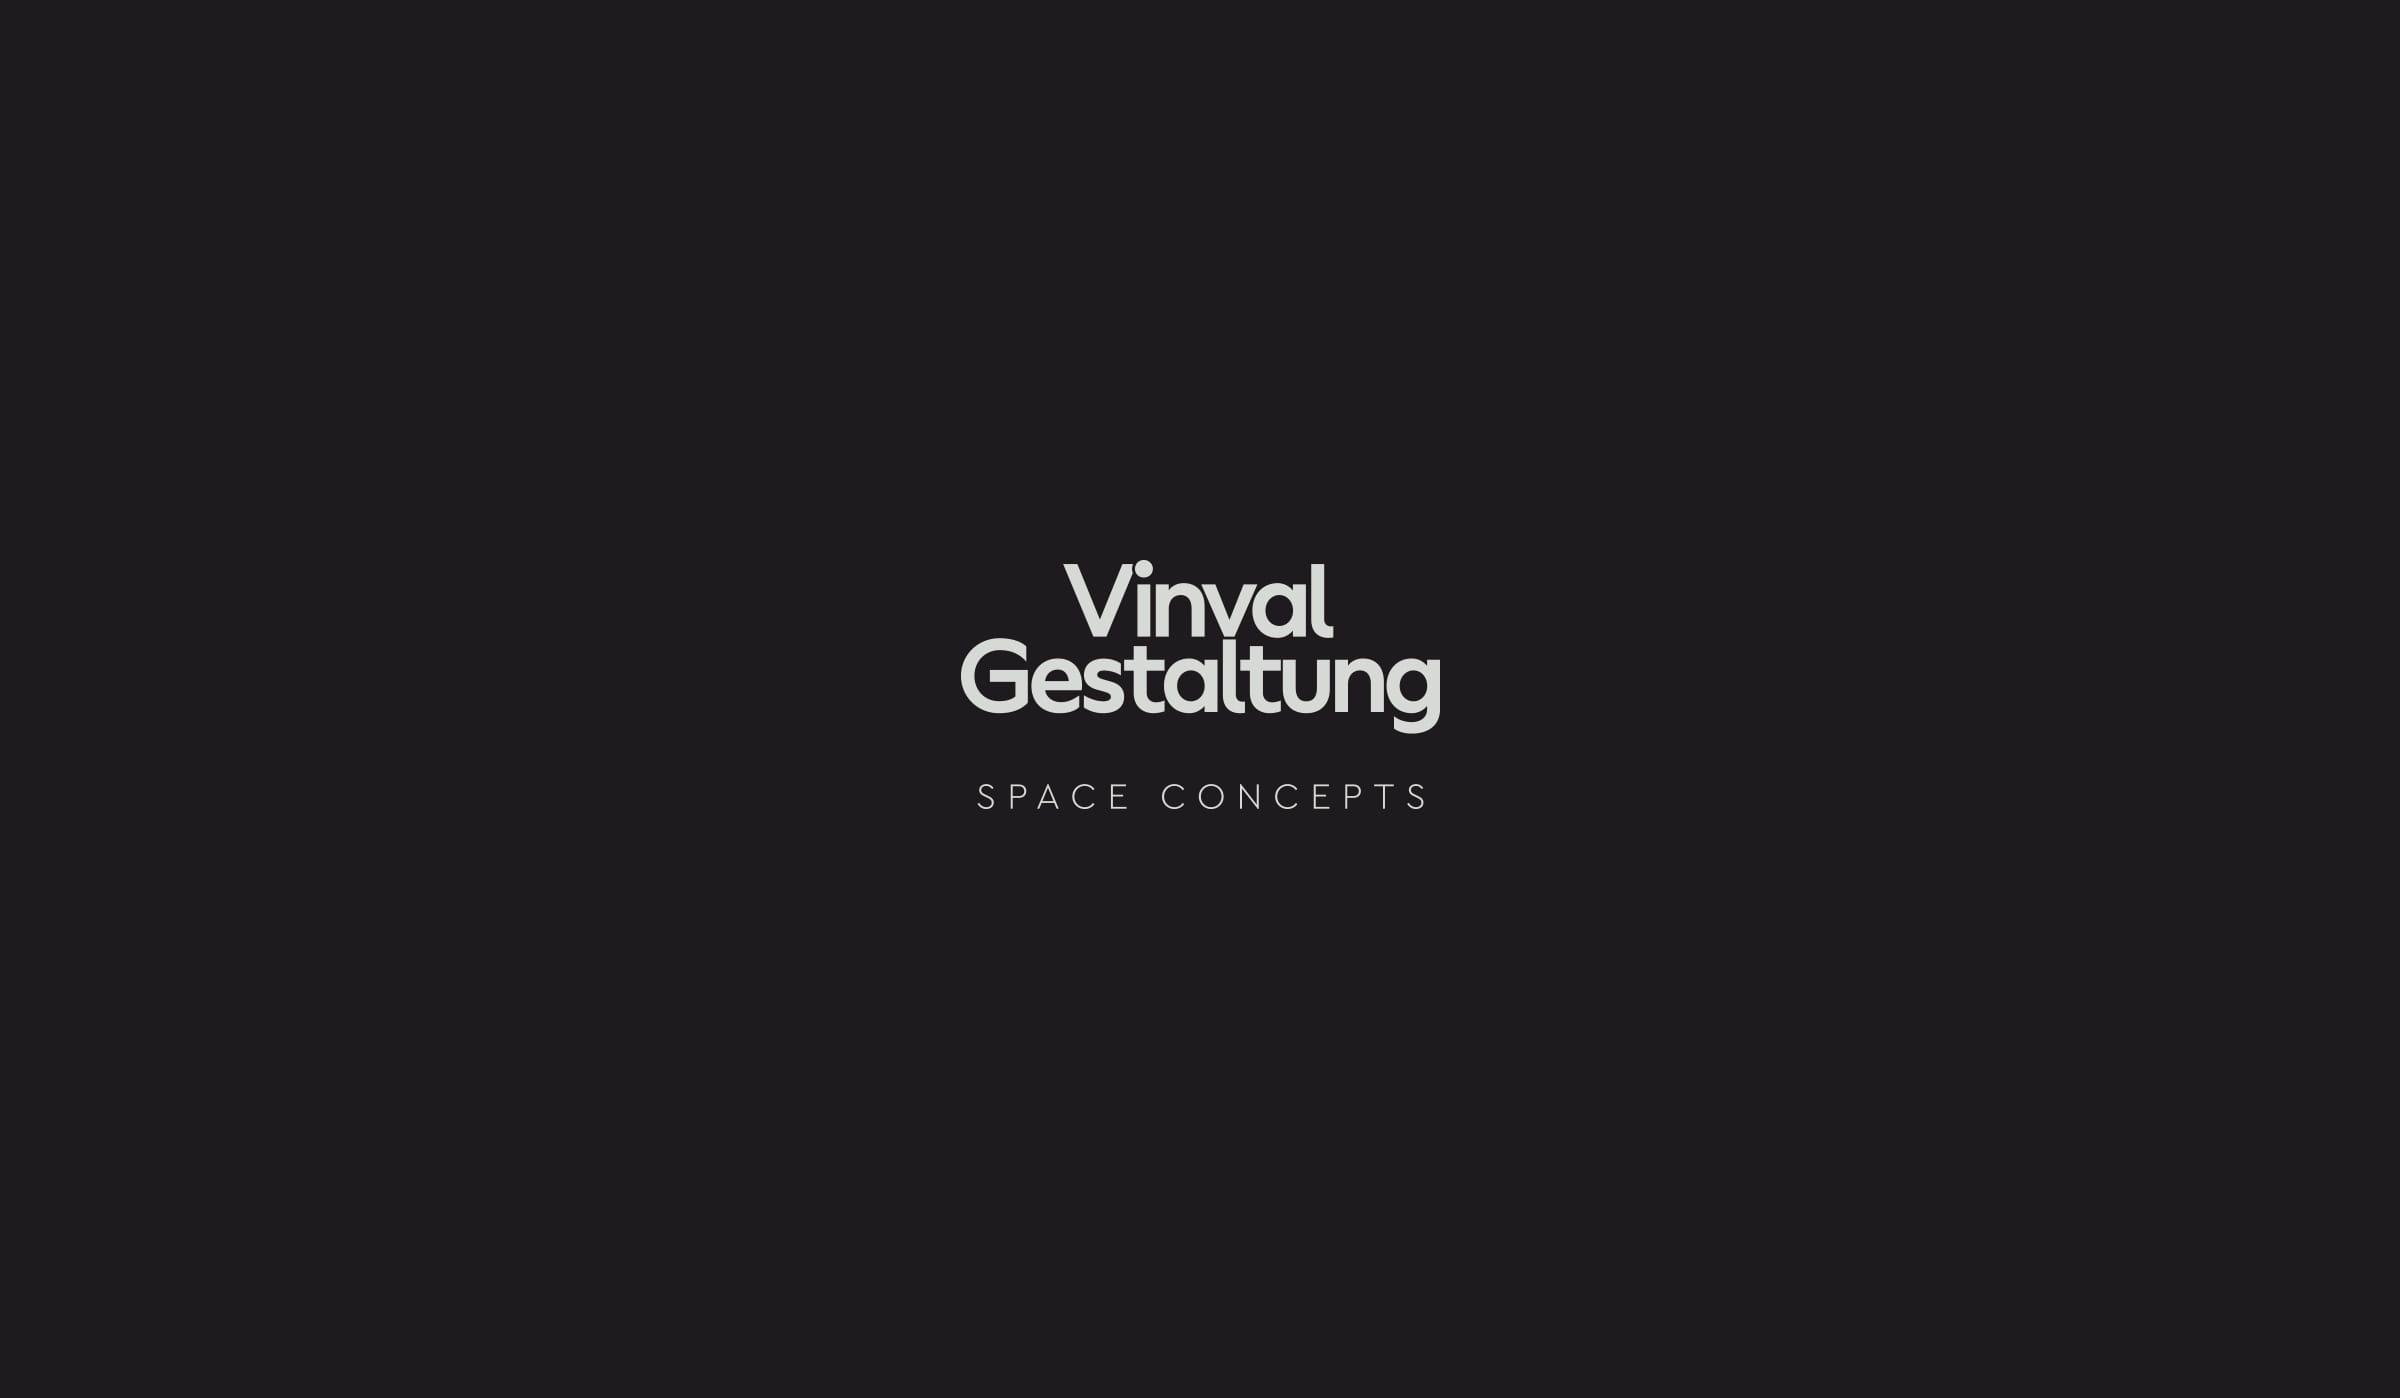 Vinval_Logotype.jpg